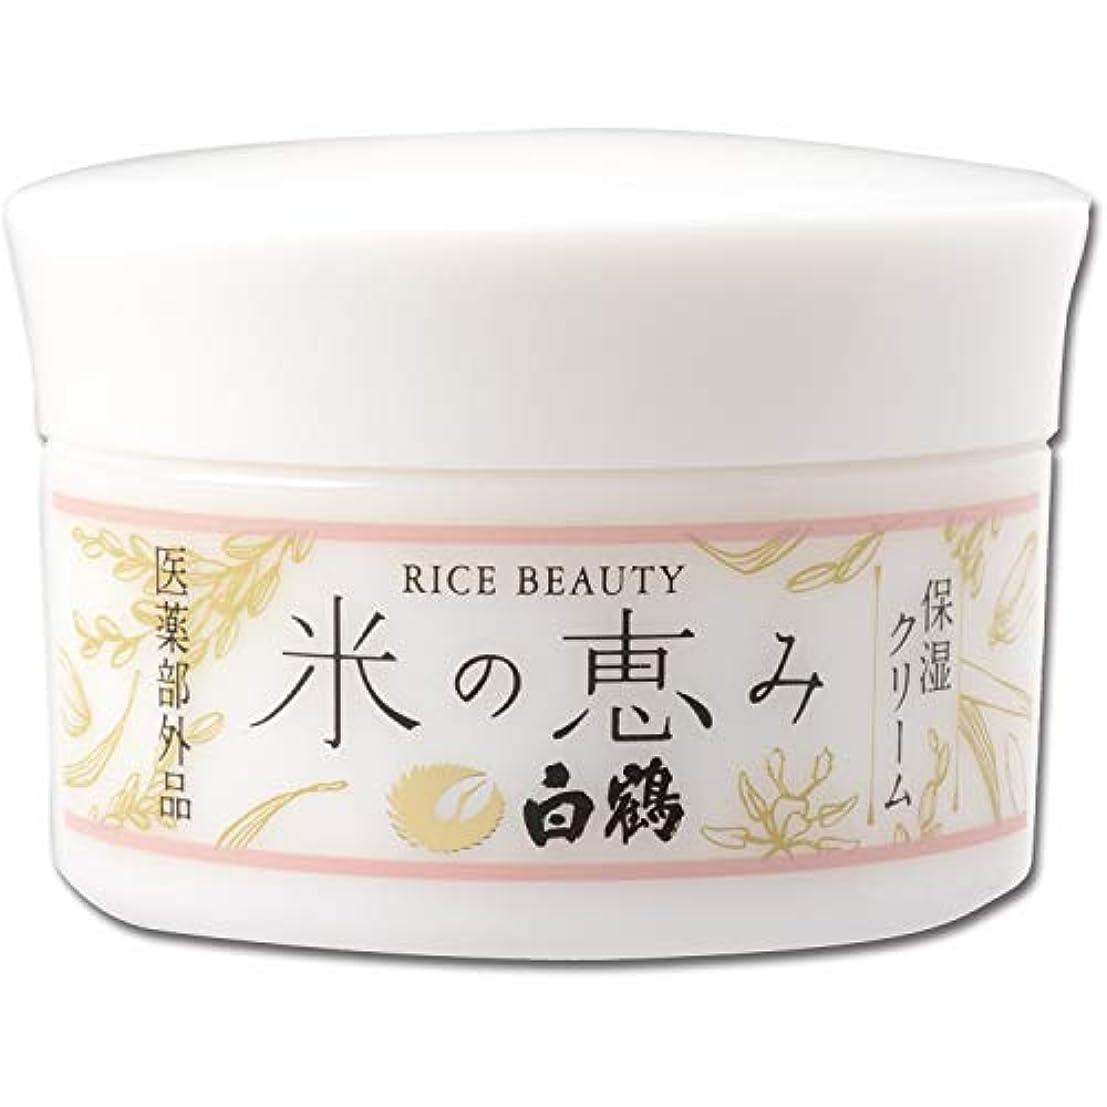 植物の説得力のある接地白鶴 ライスビューティー 米の恵み 保湿クリーム 48g (医薬部外品)